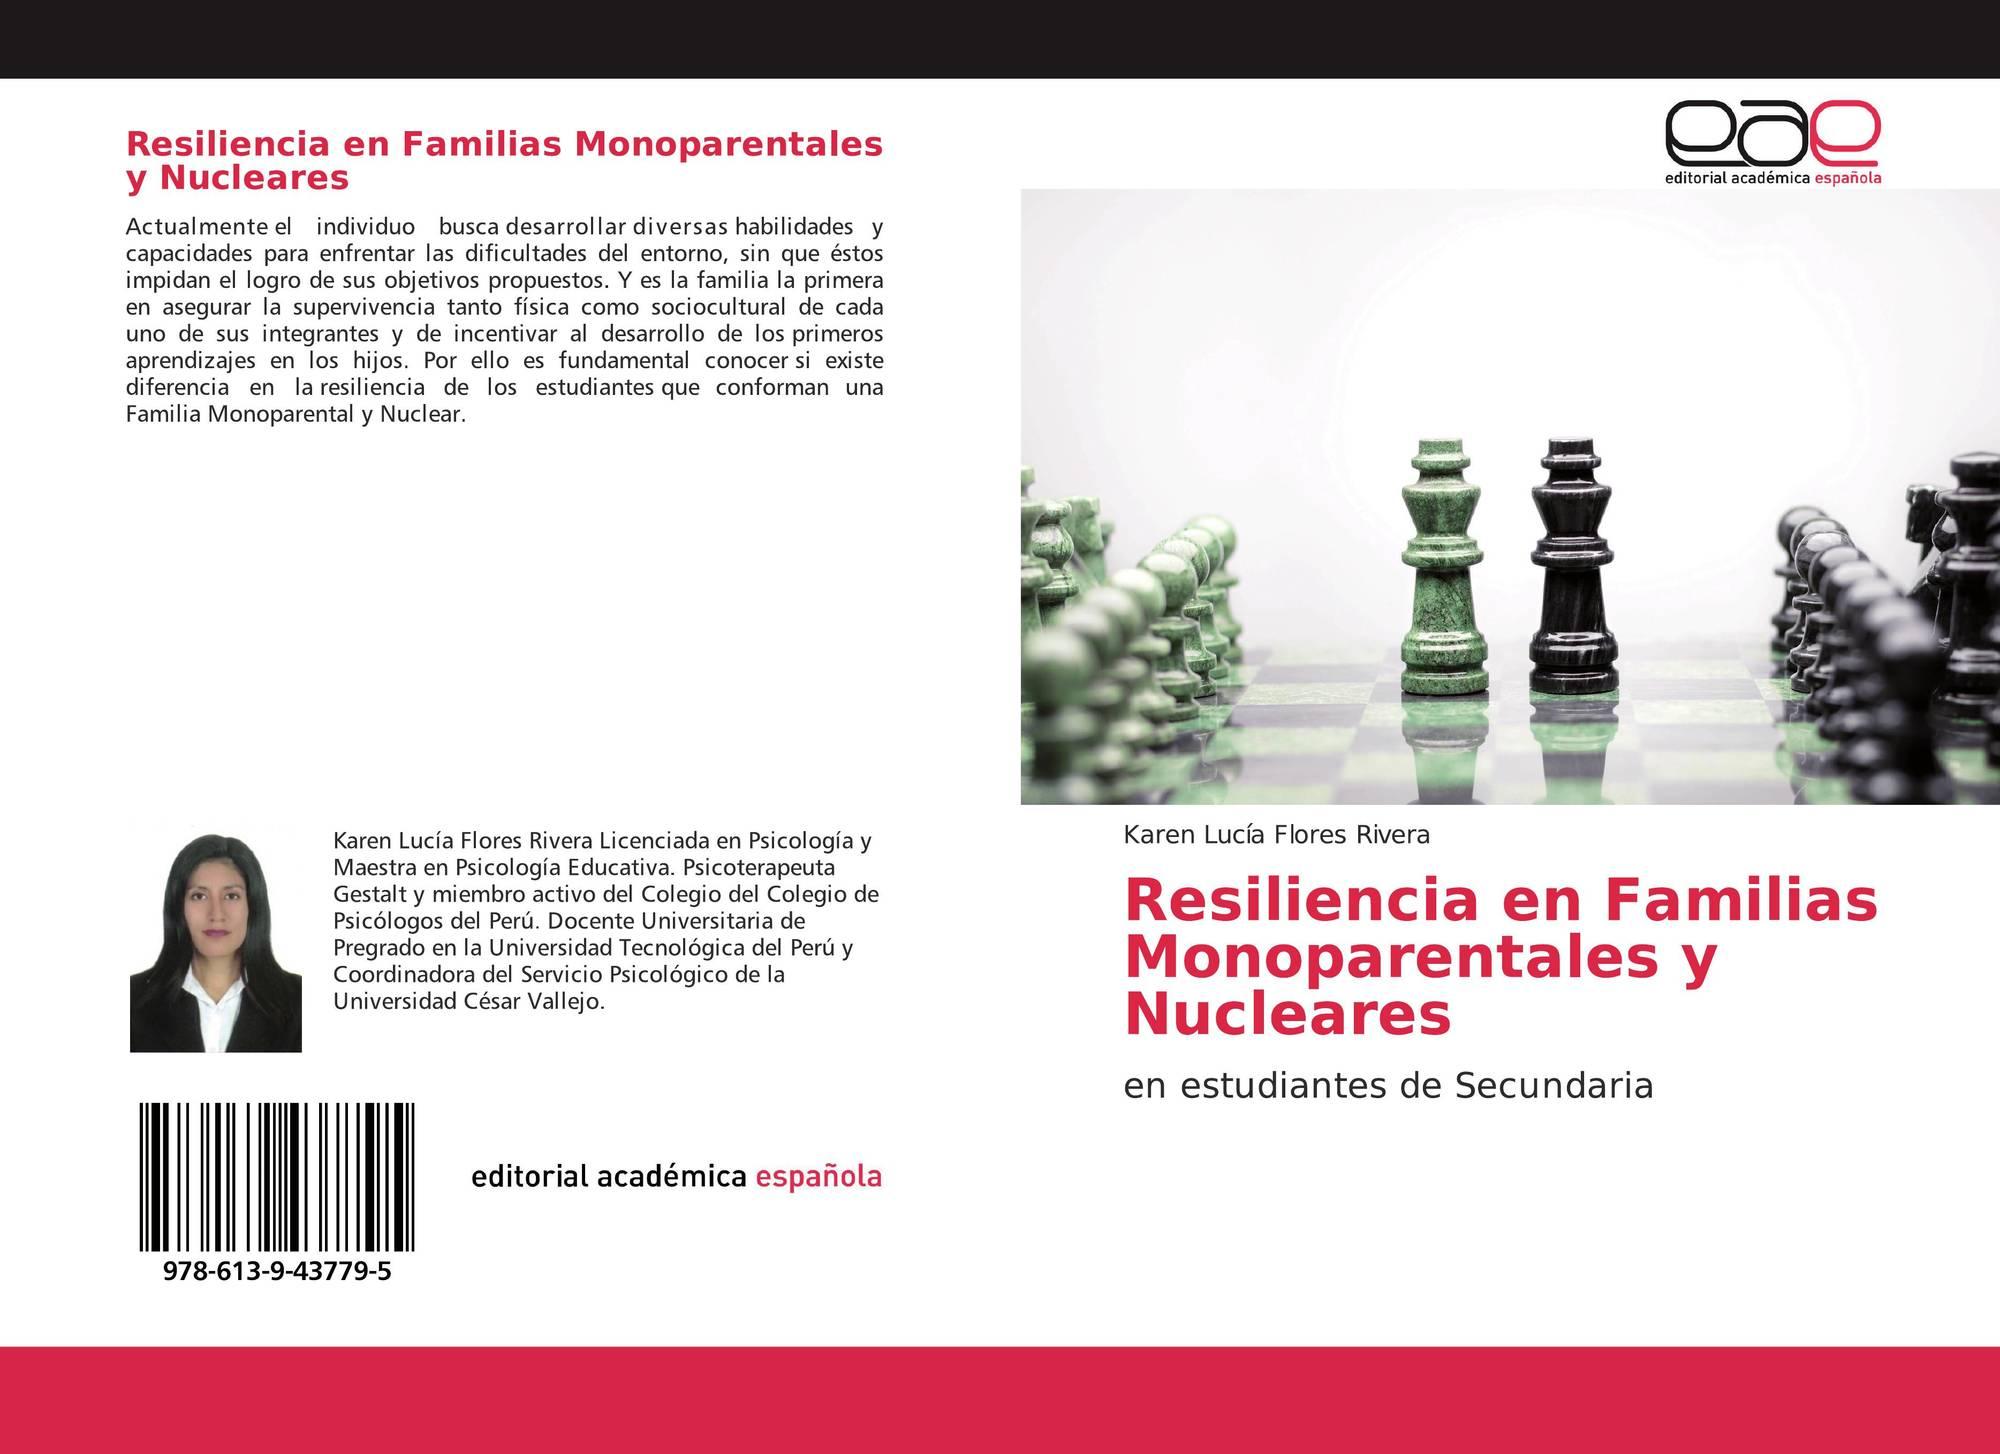 Resiliencia En Familias Monoparentales Y Nucleares 978 613